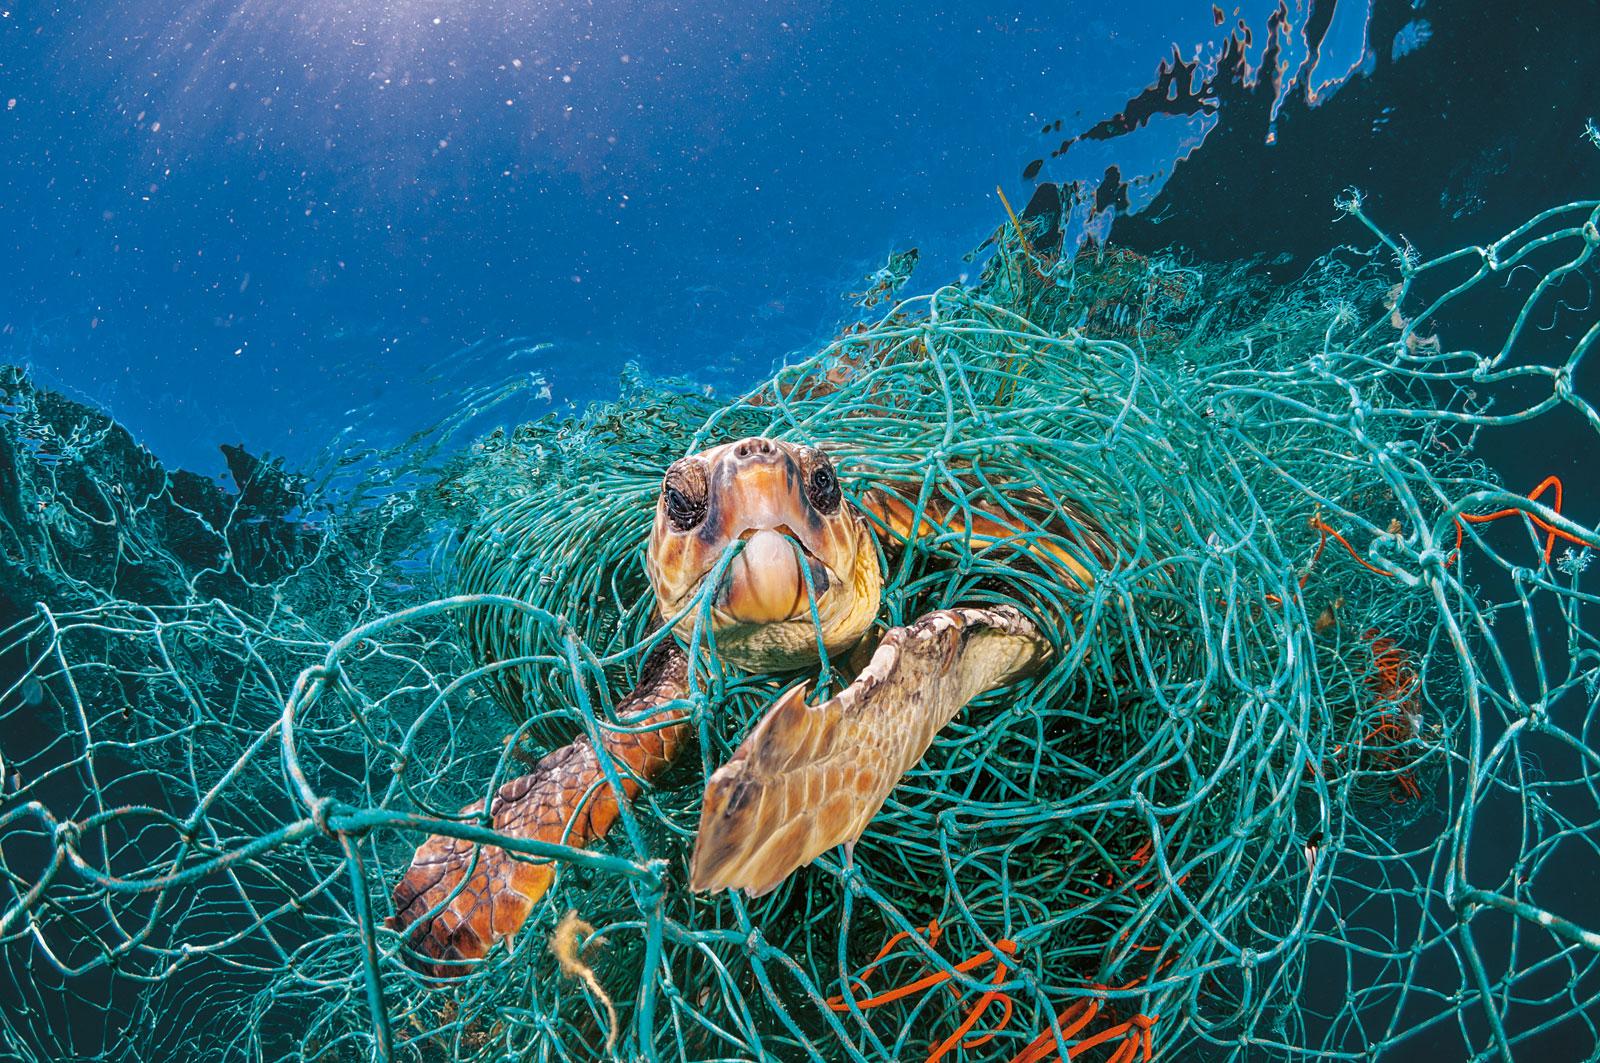 National Geographic planeta o plástico mar de plastico